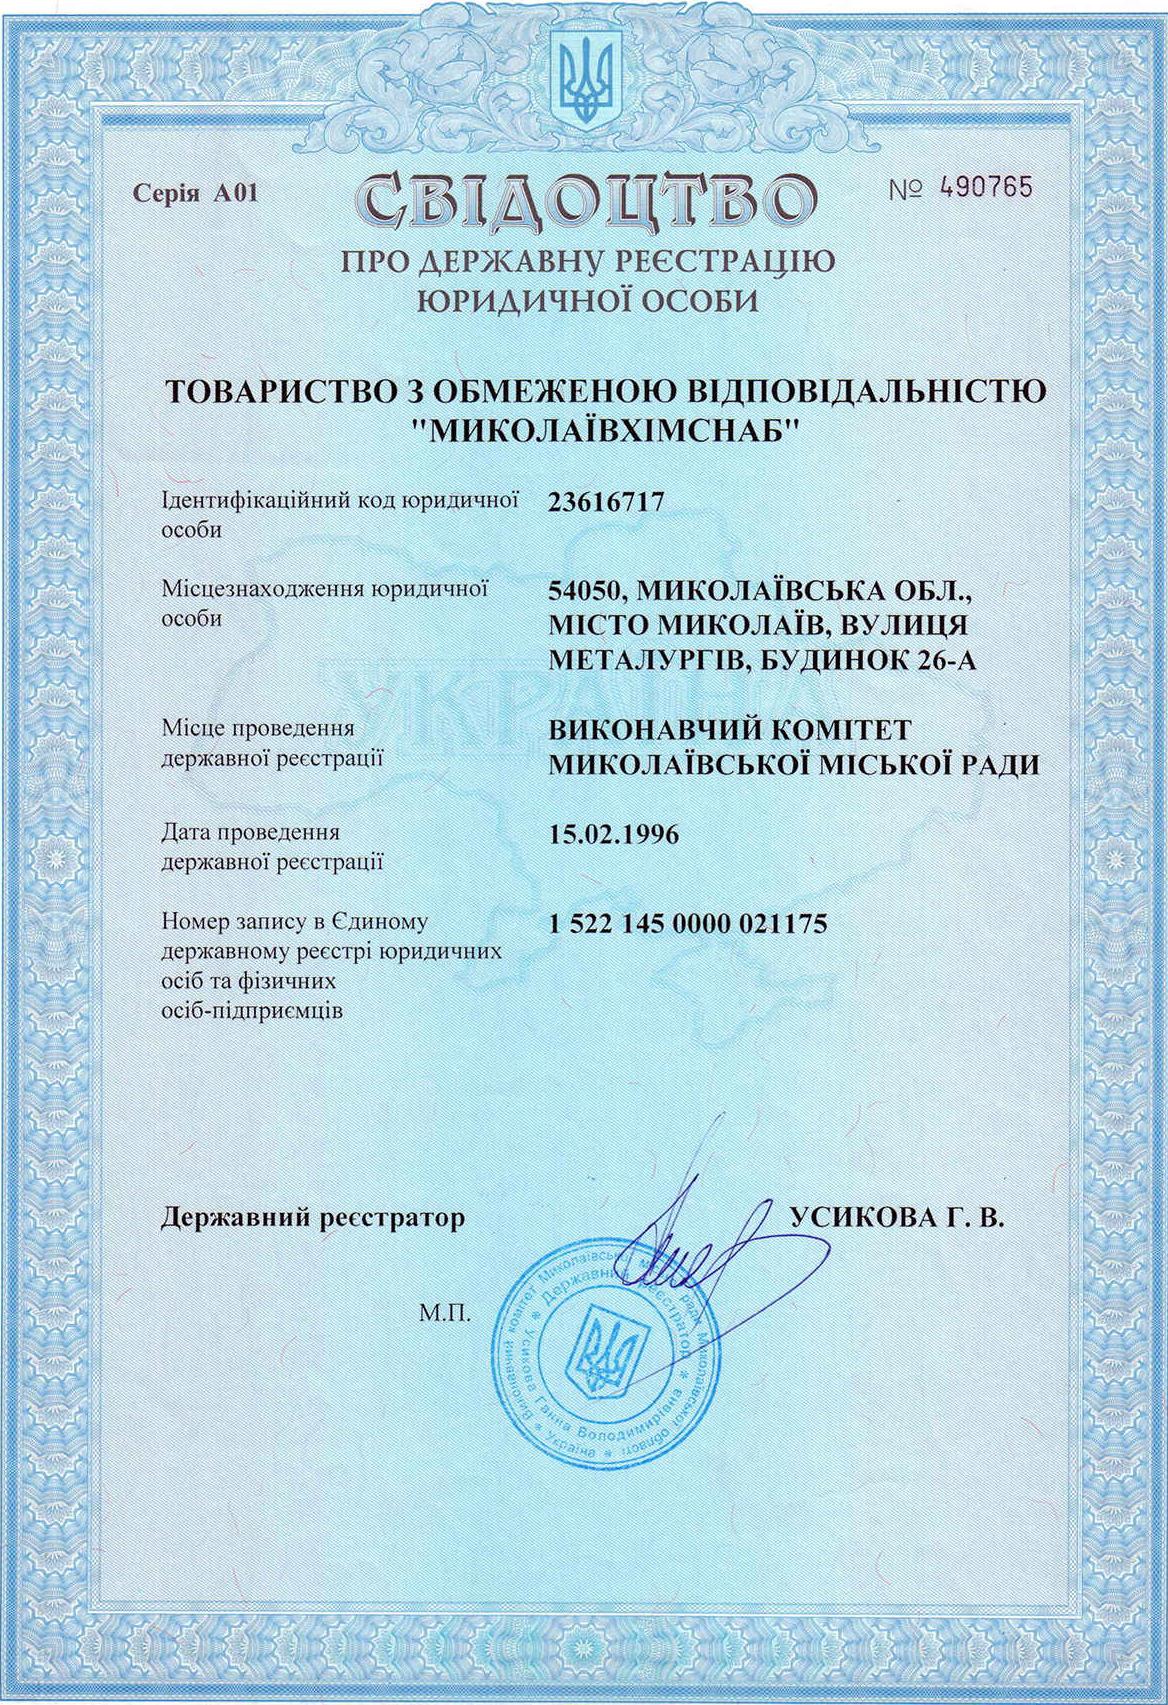 Документ регистрации компании - по рабочей иммиграции в Украину